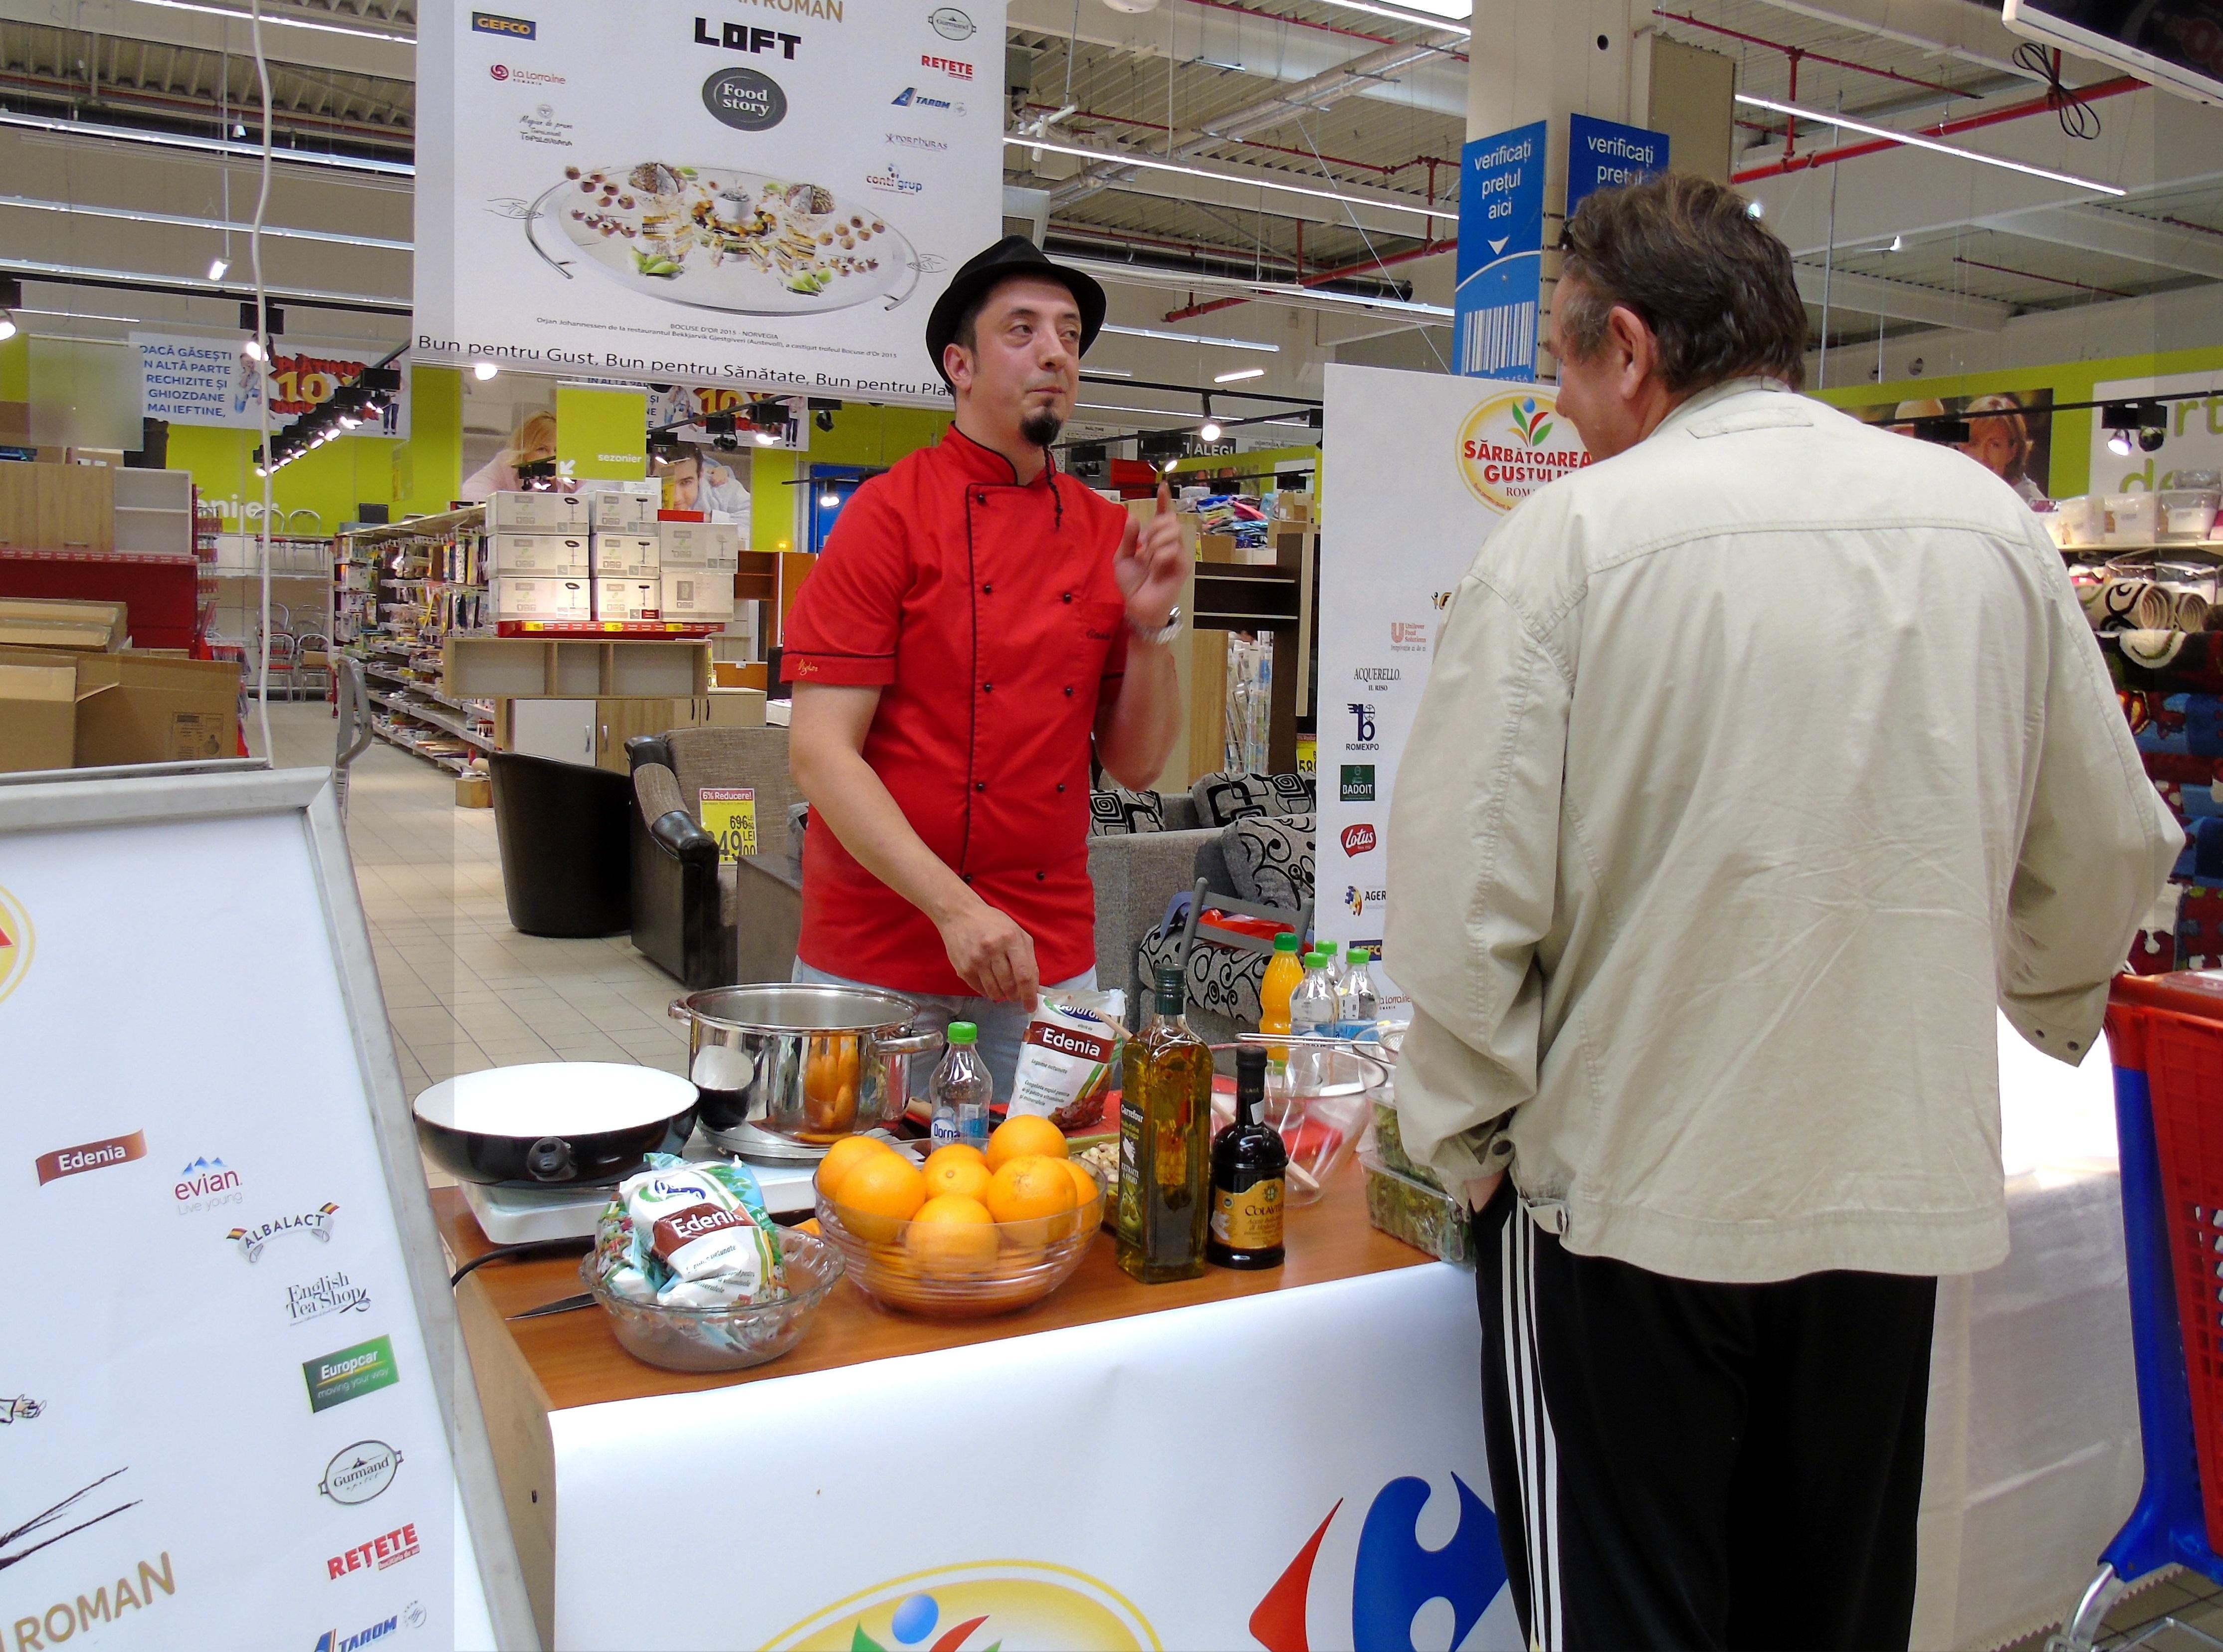 Atelier_Culinar_Sarbatoarea_Gustului_Carrefour_Sibiu_Chef_Bogdan_Roman_09